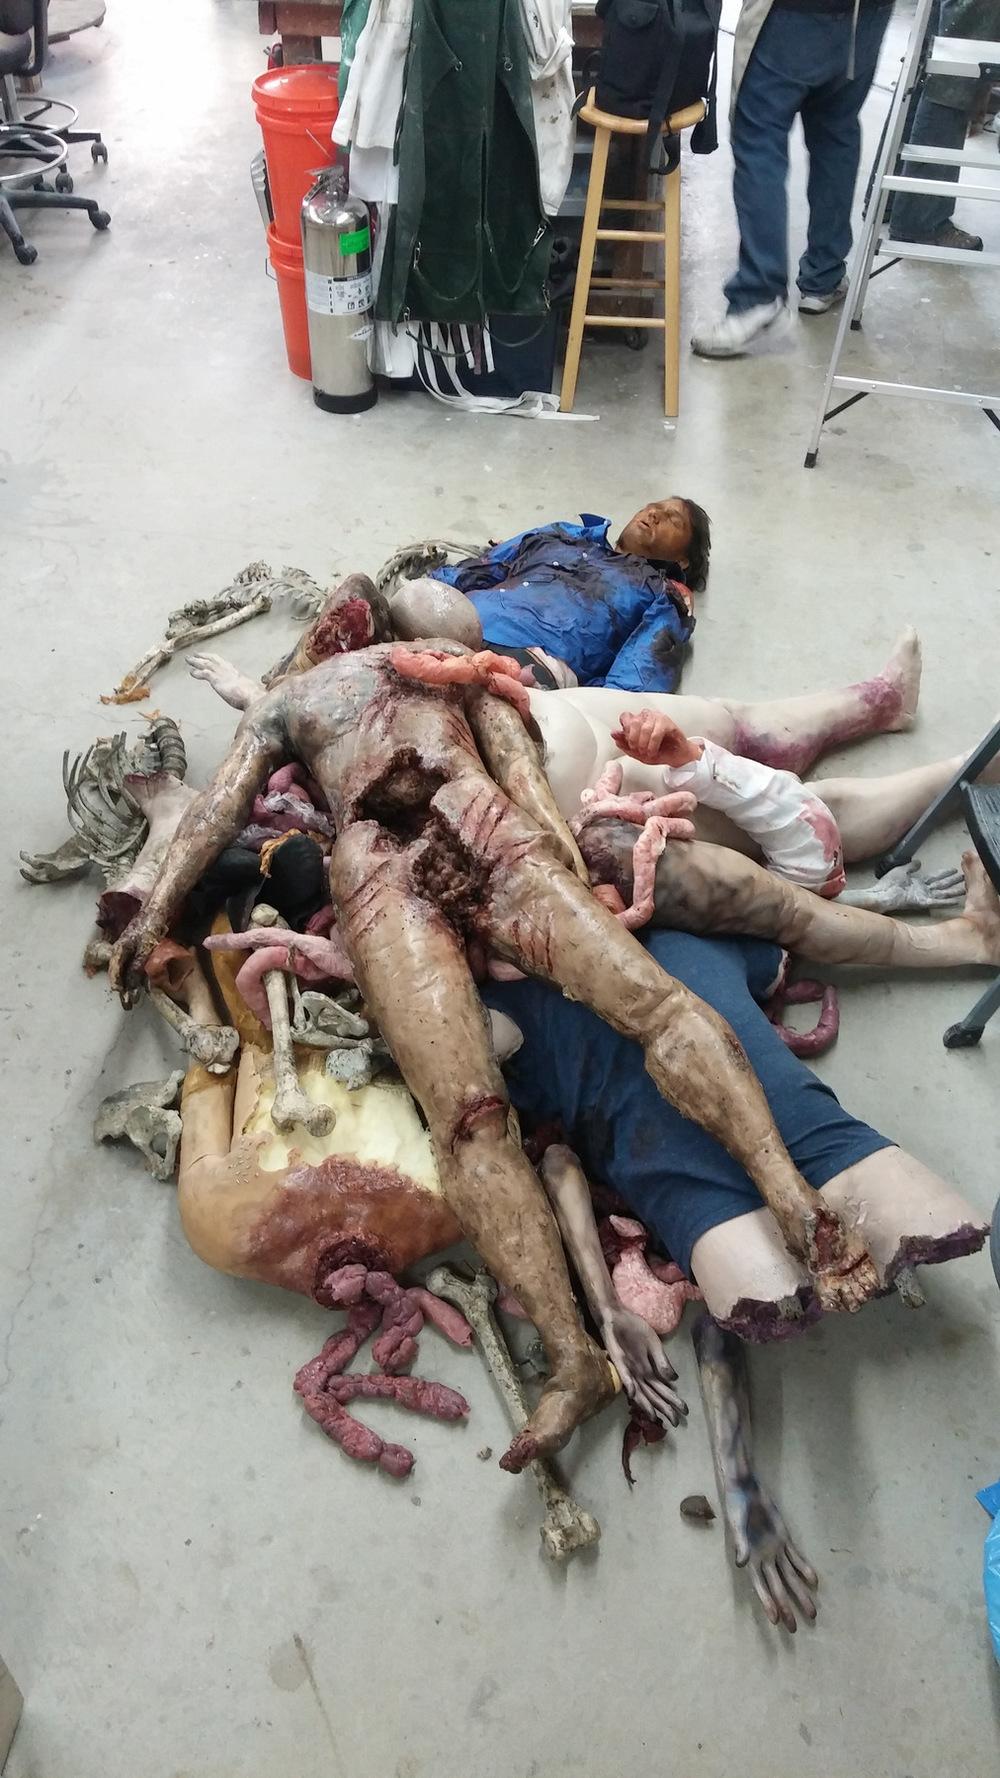 Atticus Anderson Portfolio - Pile of fabricated bodies.